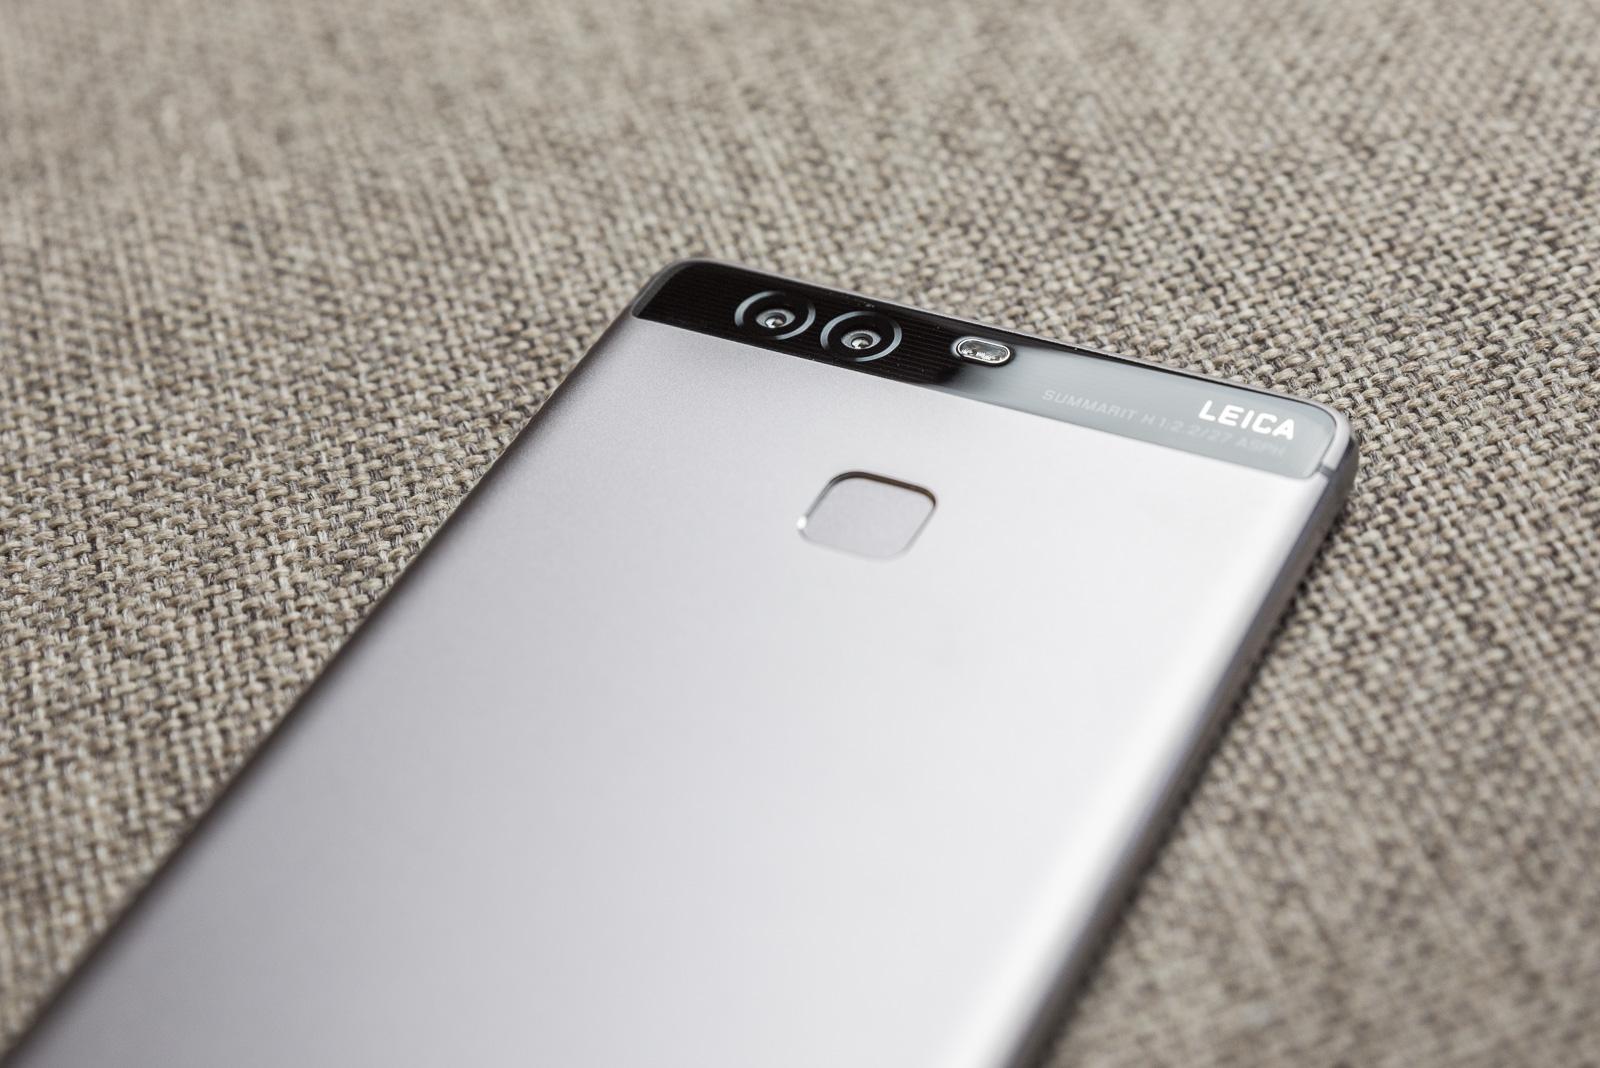 Huawei P10 oraz P10 Plus nadchodzą. Oto wszystko, co musisz o nich wiedzieć